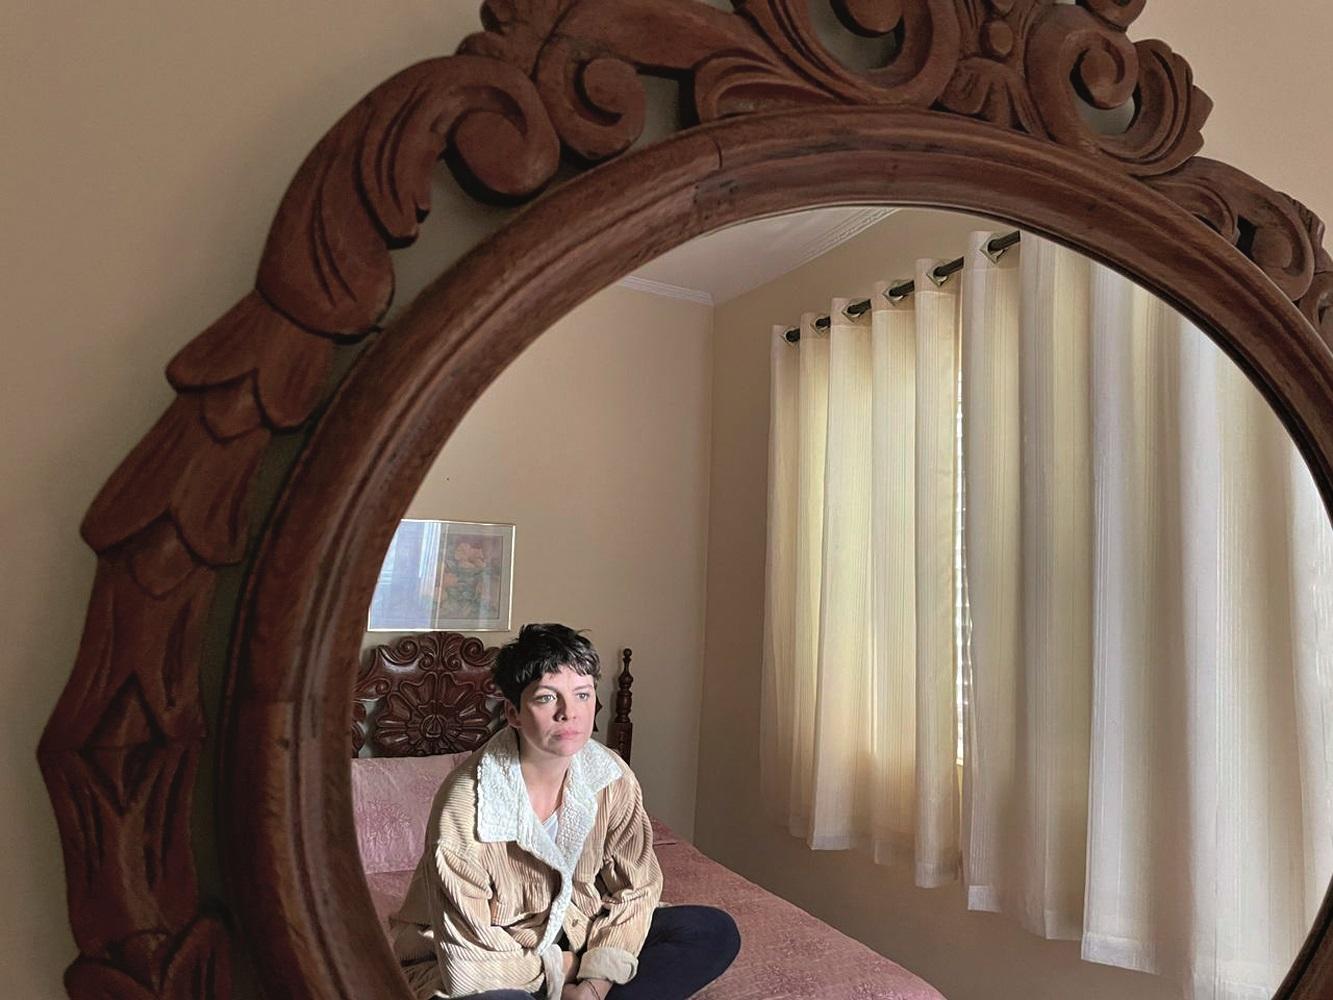 Mulher está sentada em uma cama e dá para vê-la pelo reflexo de um espelho